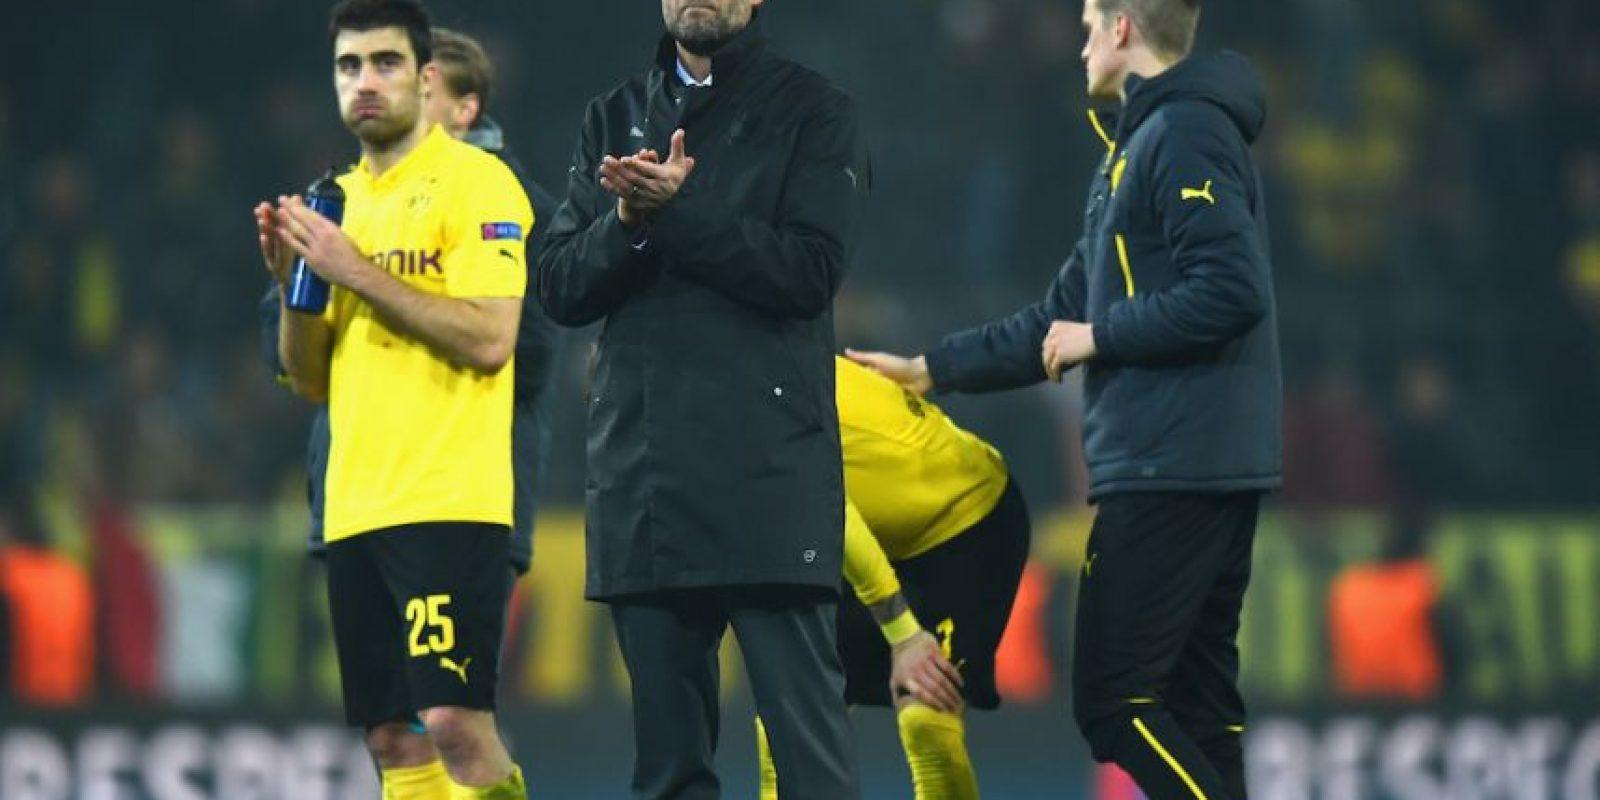 El club alemán fue eliminado en octavos de final de la UEFA Champions League. Foto:Getty Images